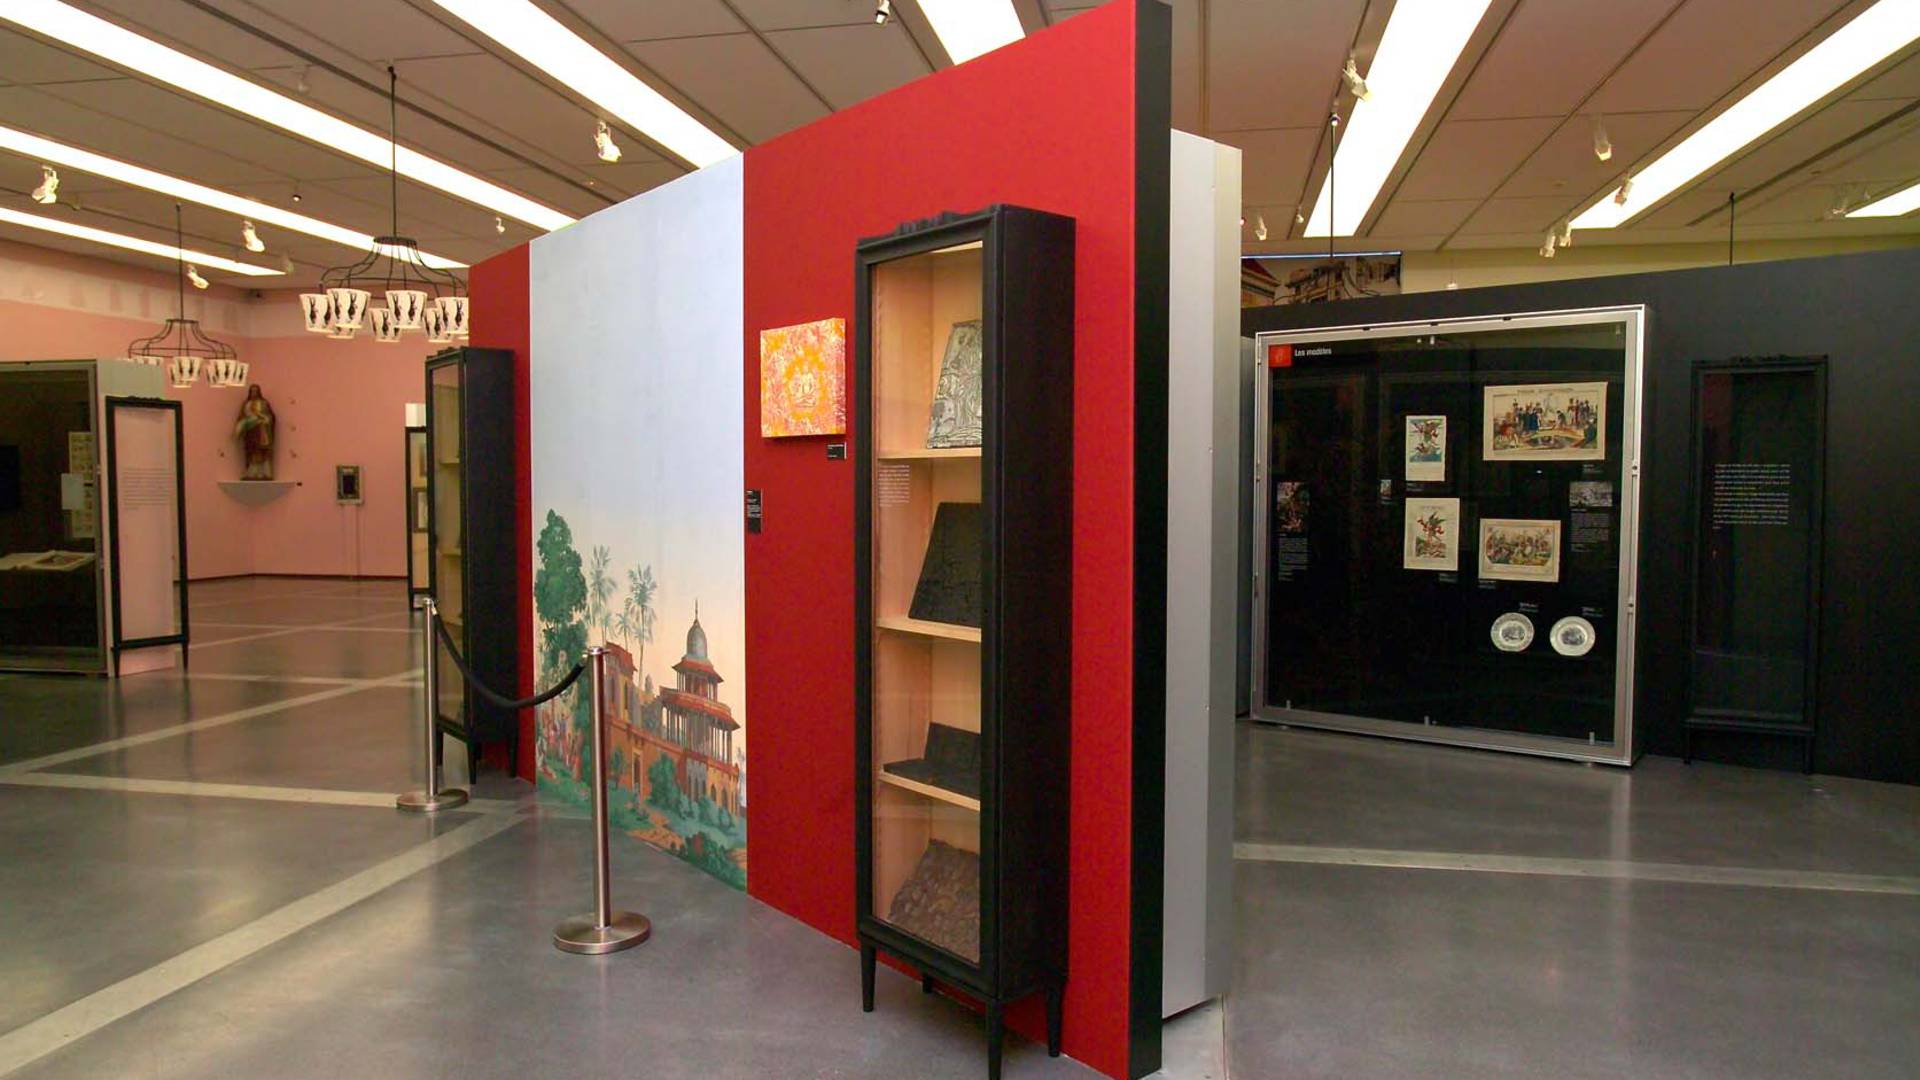 Musée de l'Image - Cité de l'Image - Imagerie d'Epinal - Musée Epinal  - Exposition du Musée de l'Image